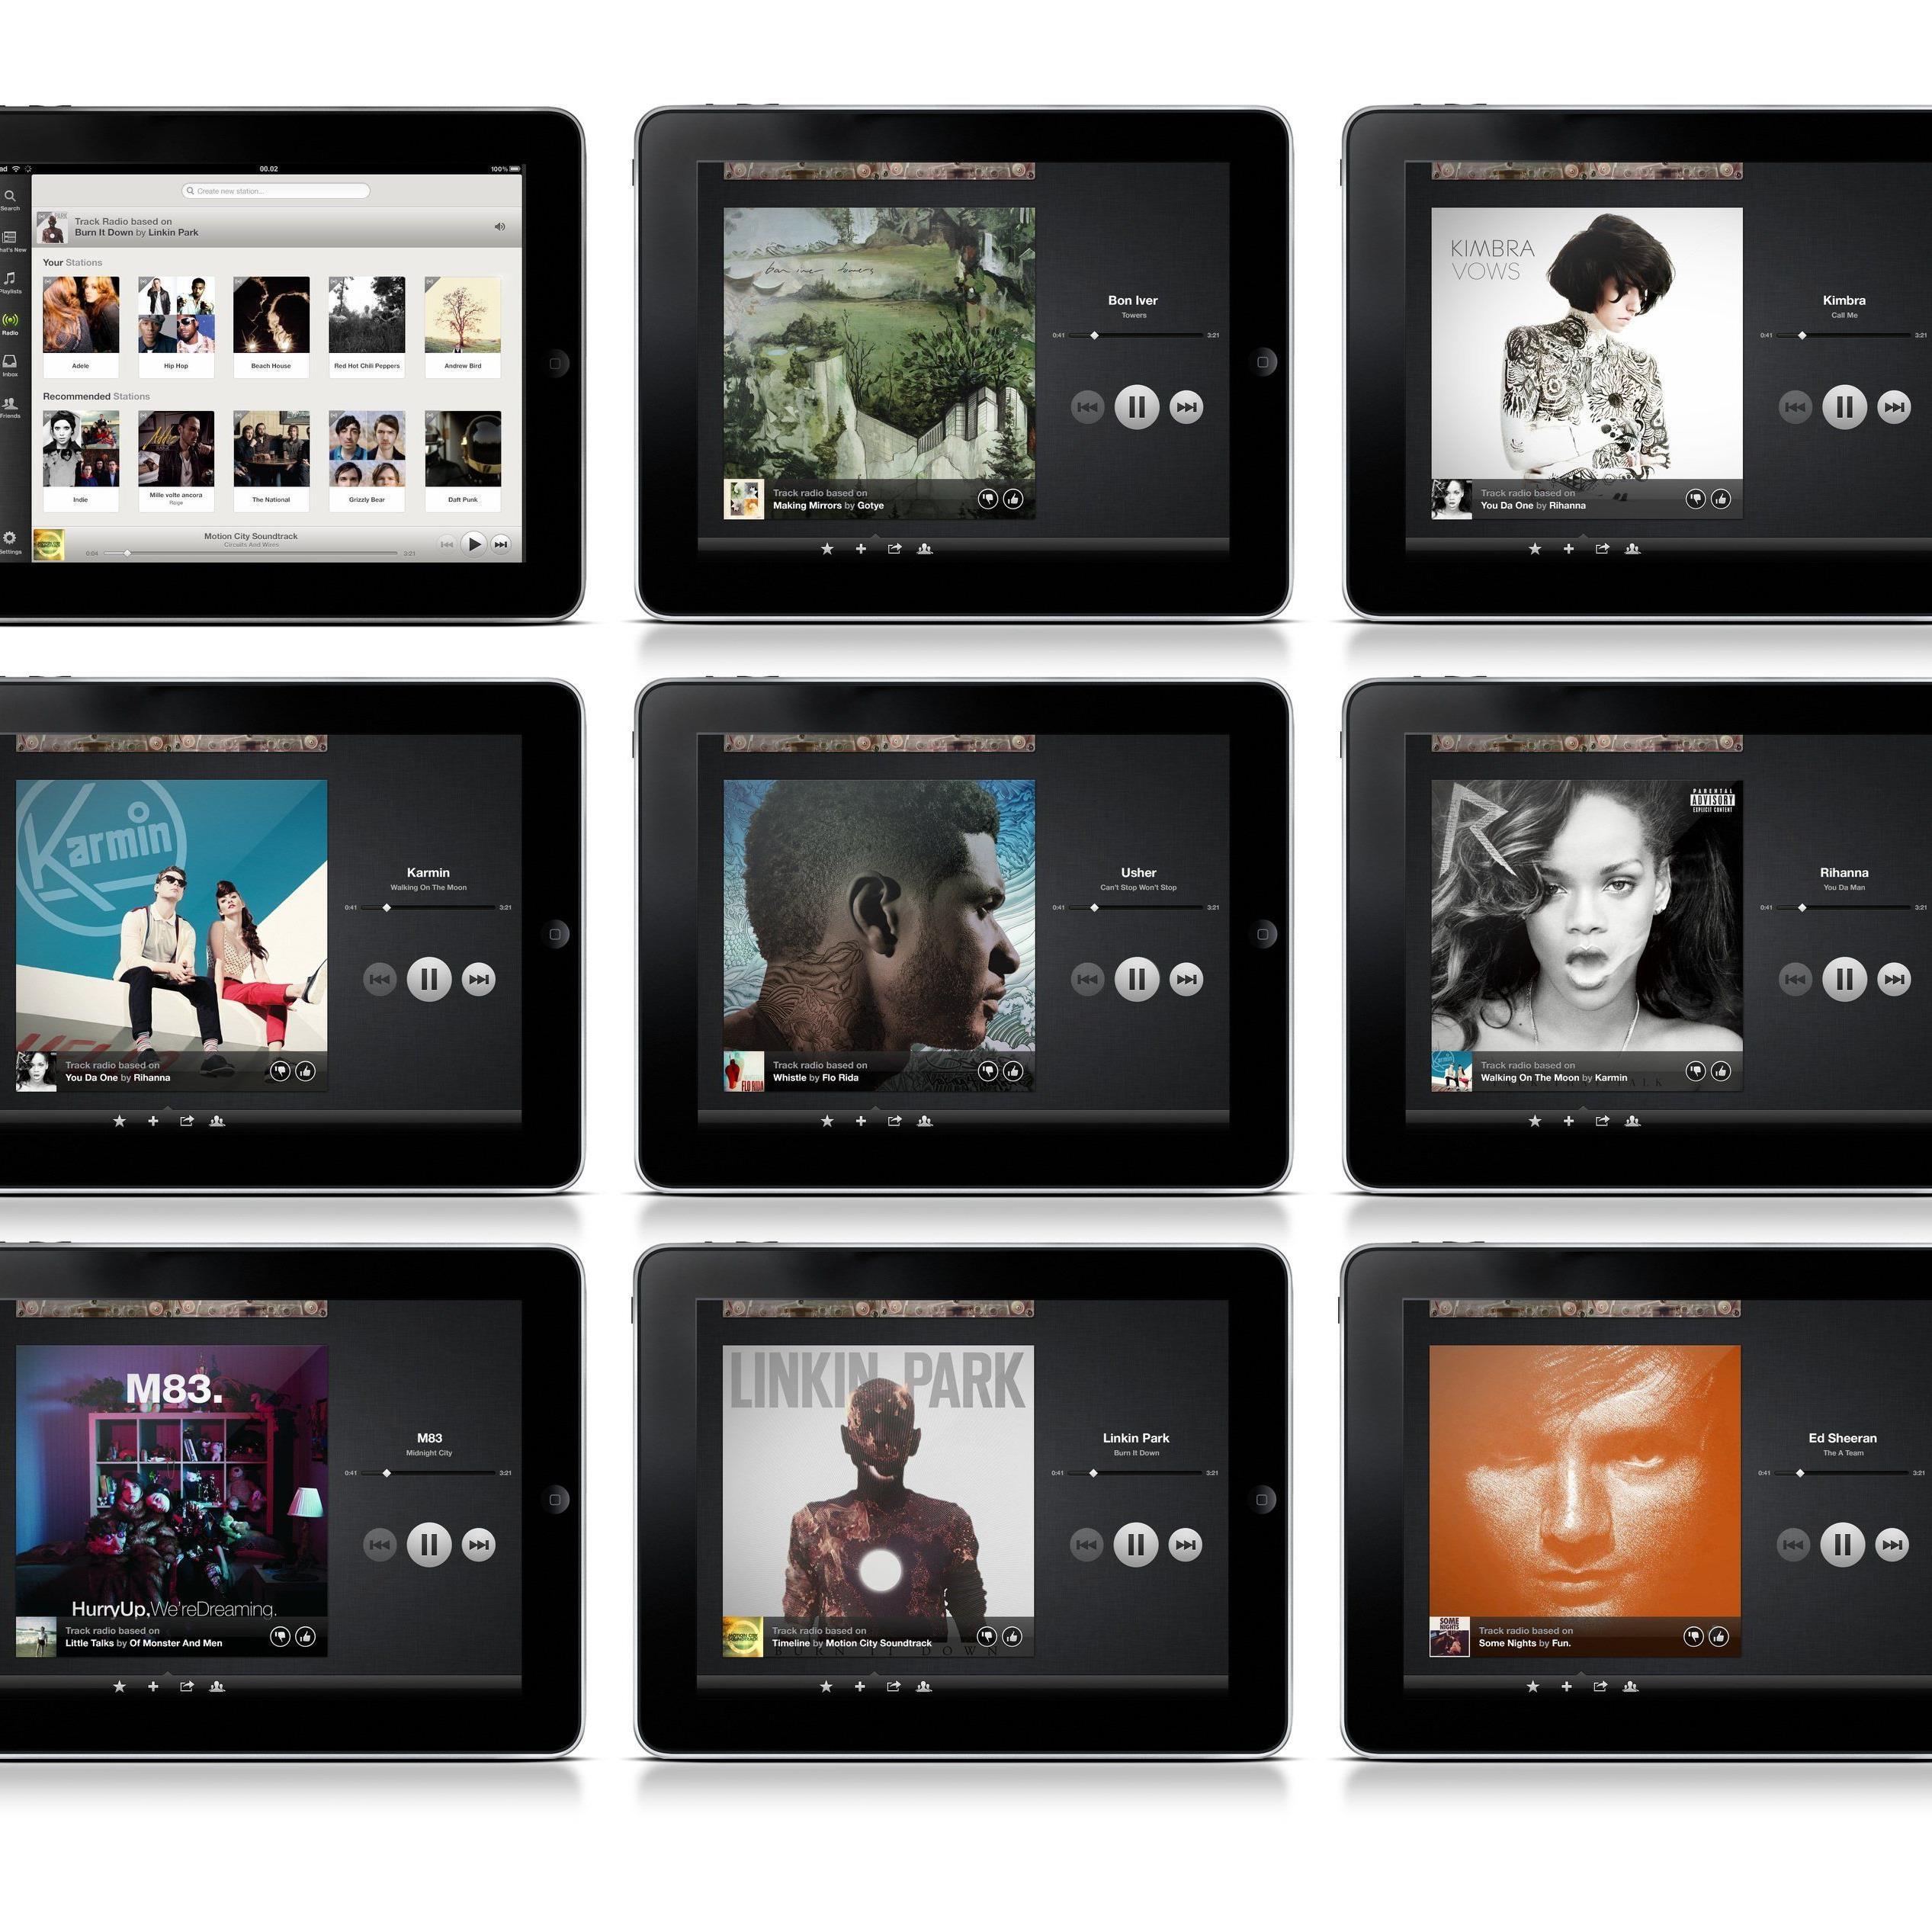 Spotify bald Konkurrenz zu Video-Portal YouTube?